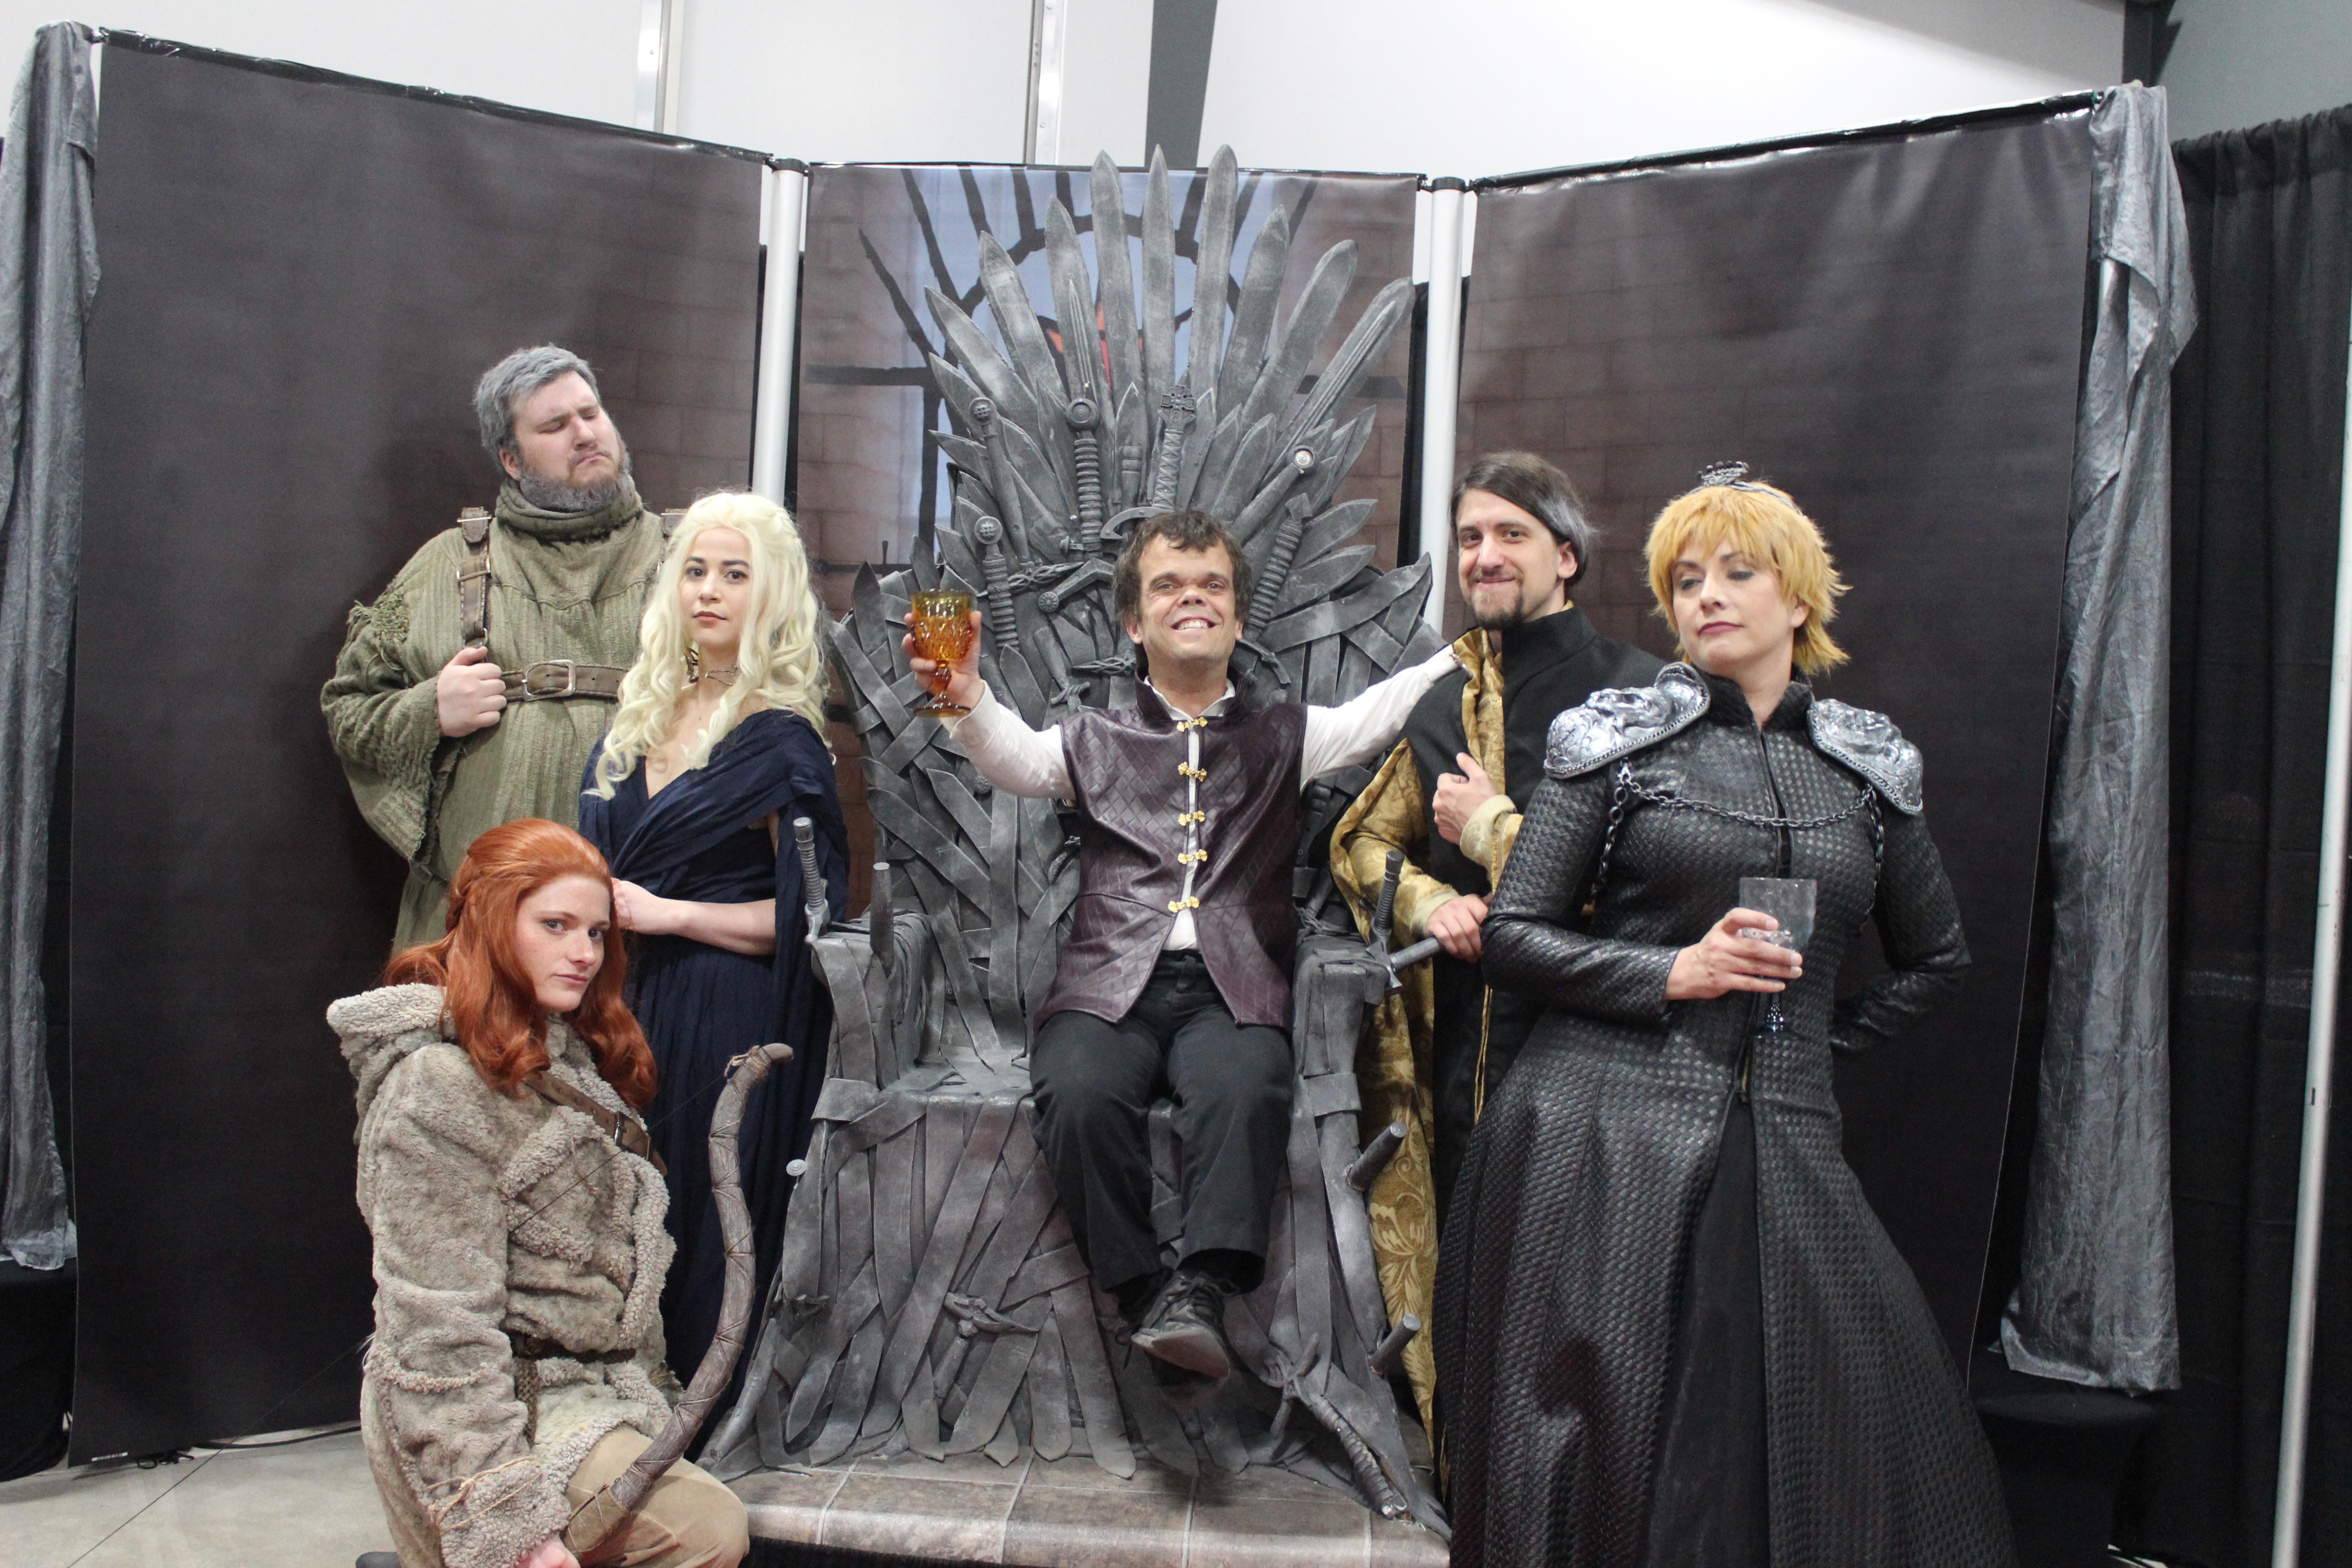 La qualité des costumes produits par les membres de Game of Thrones Cosplay Montréal était très impressionnante!